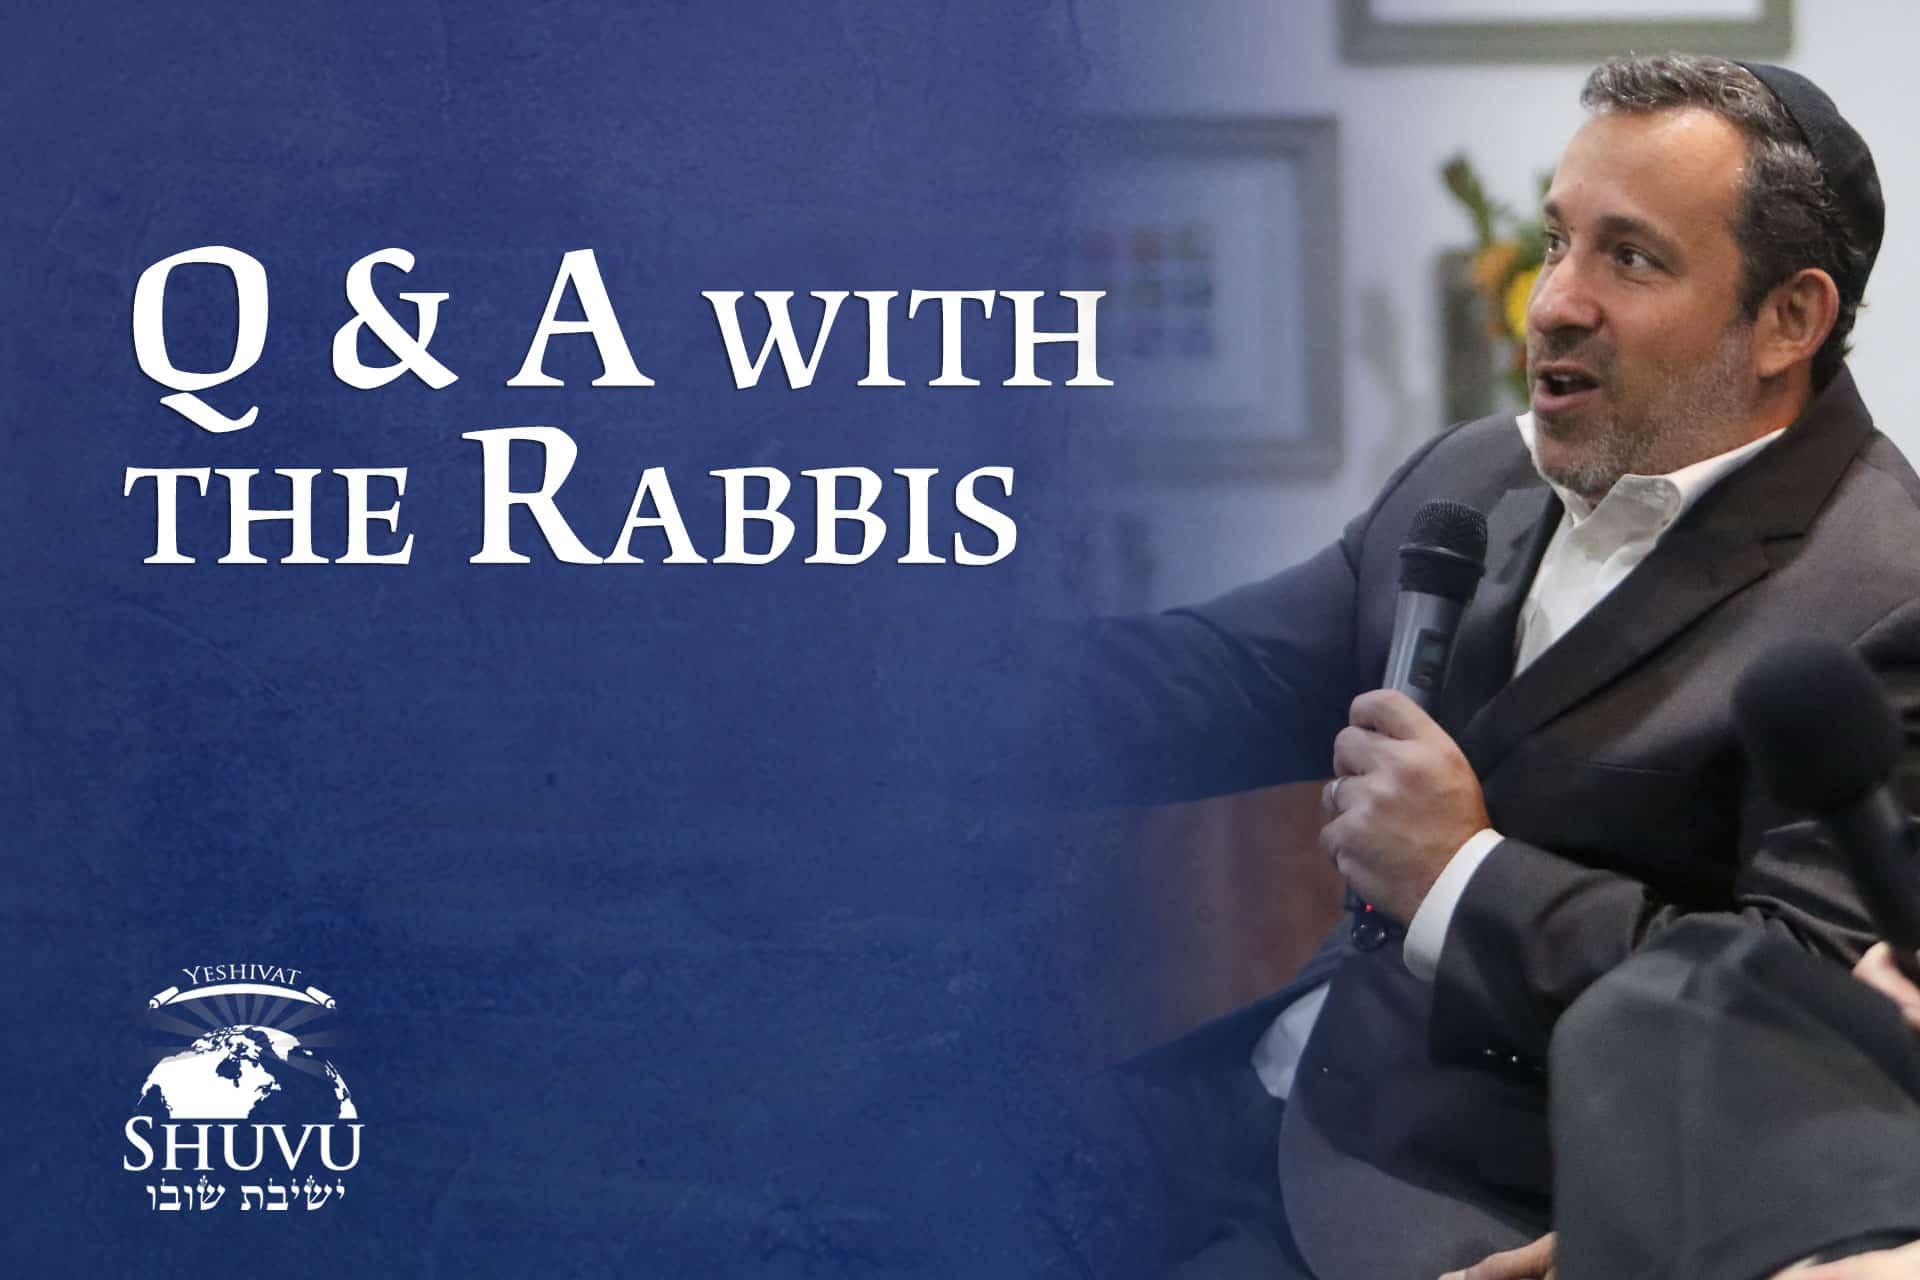 cover_yeshivat_shuvu_q_a_rabbis_ENG